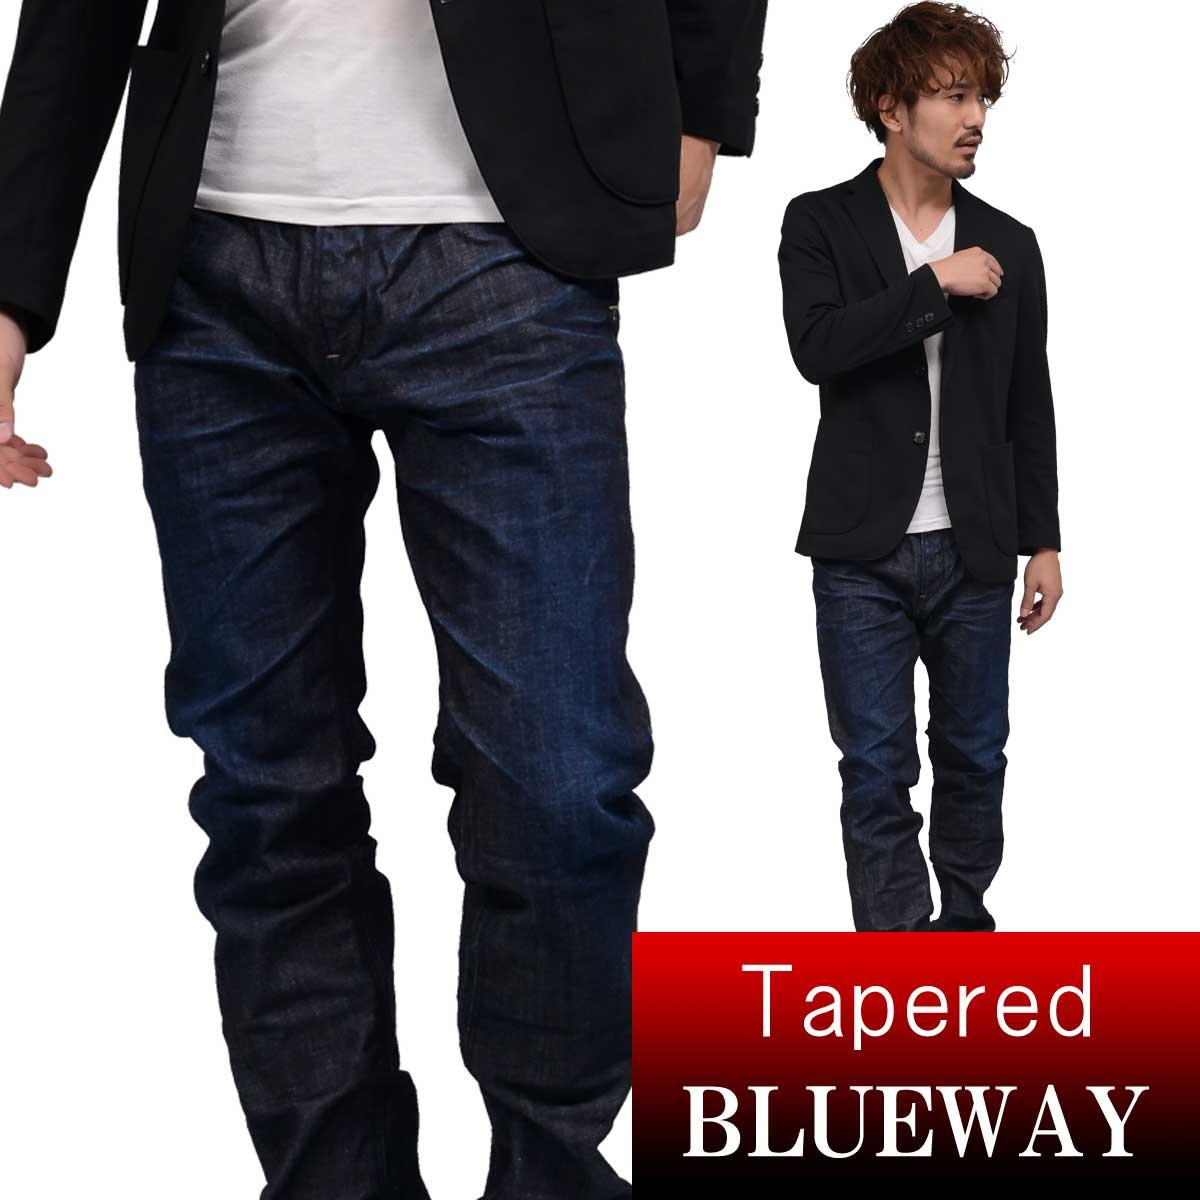 BLUEWAY:ソリッドストレッチデニム・レギュラーテーパードジーンズ(ダークビンテージ):M1881-4100 ブルーウェイ ジーンズ メンズ デニム 裾上げ